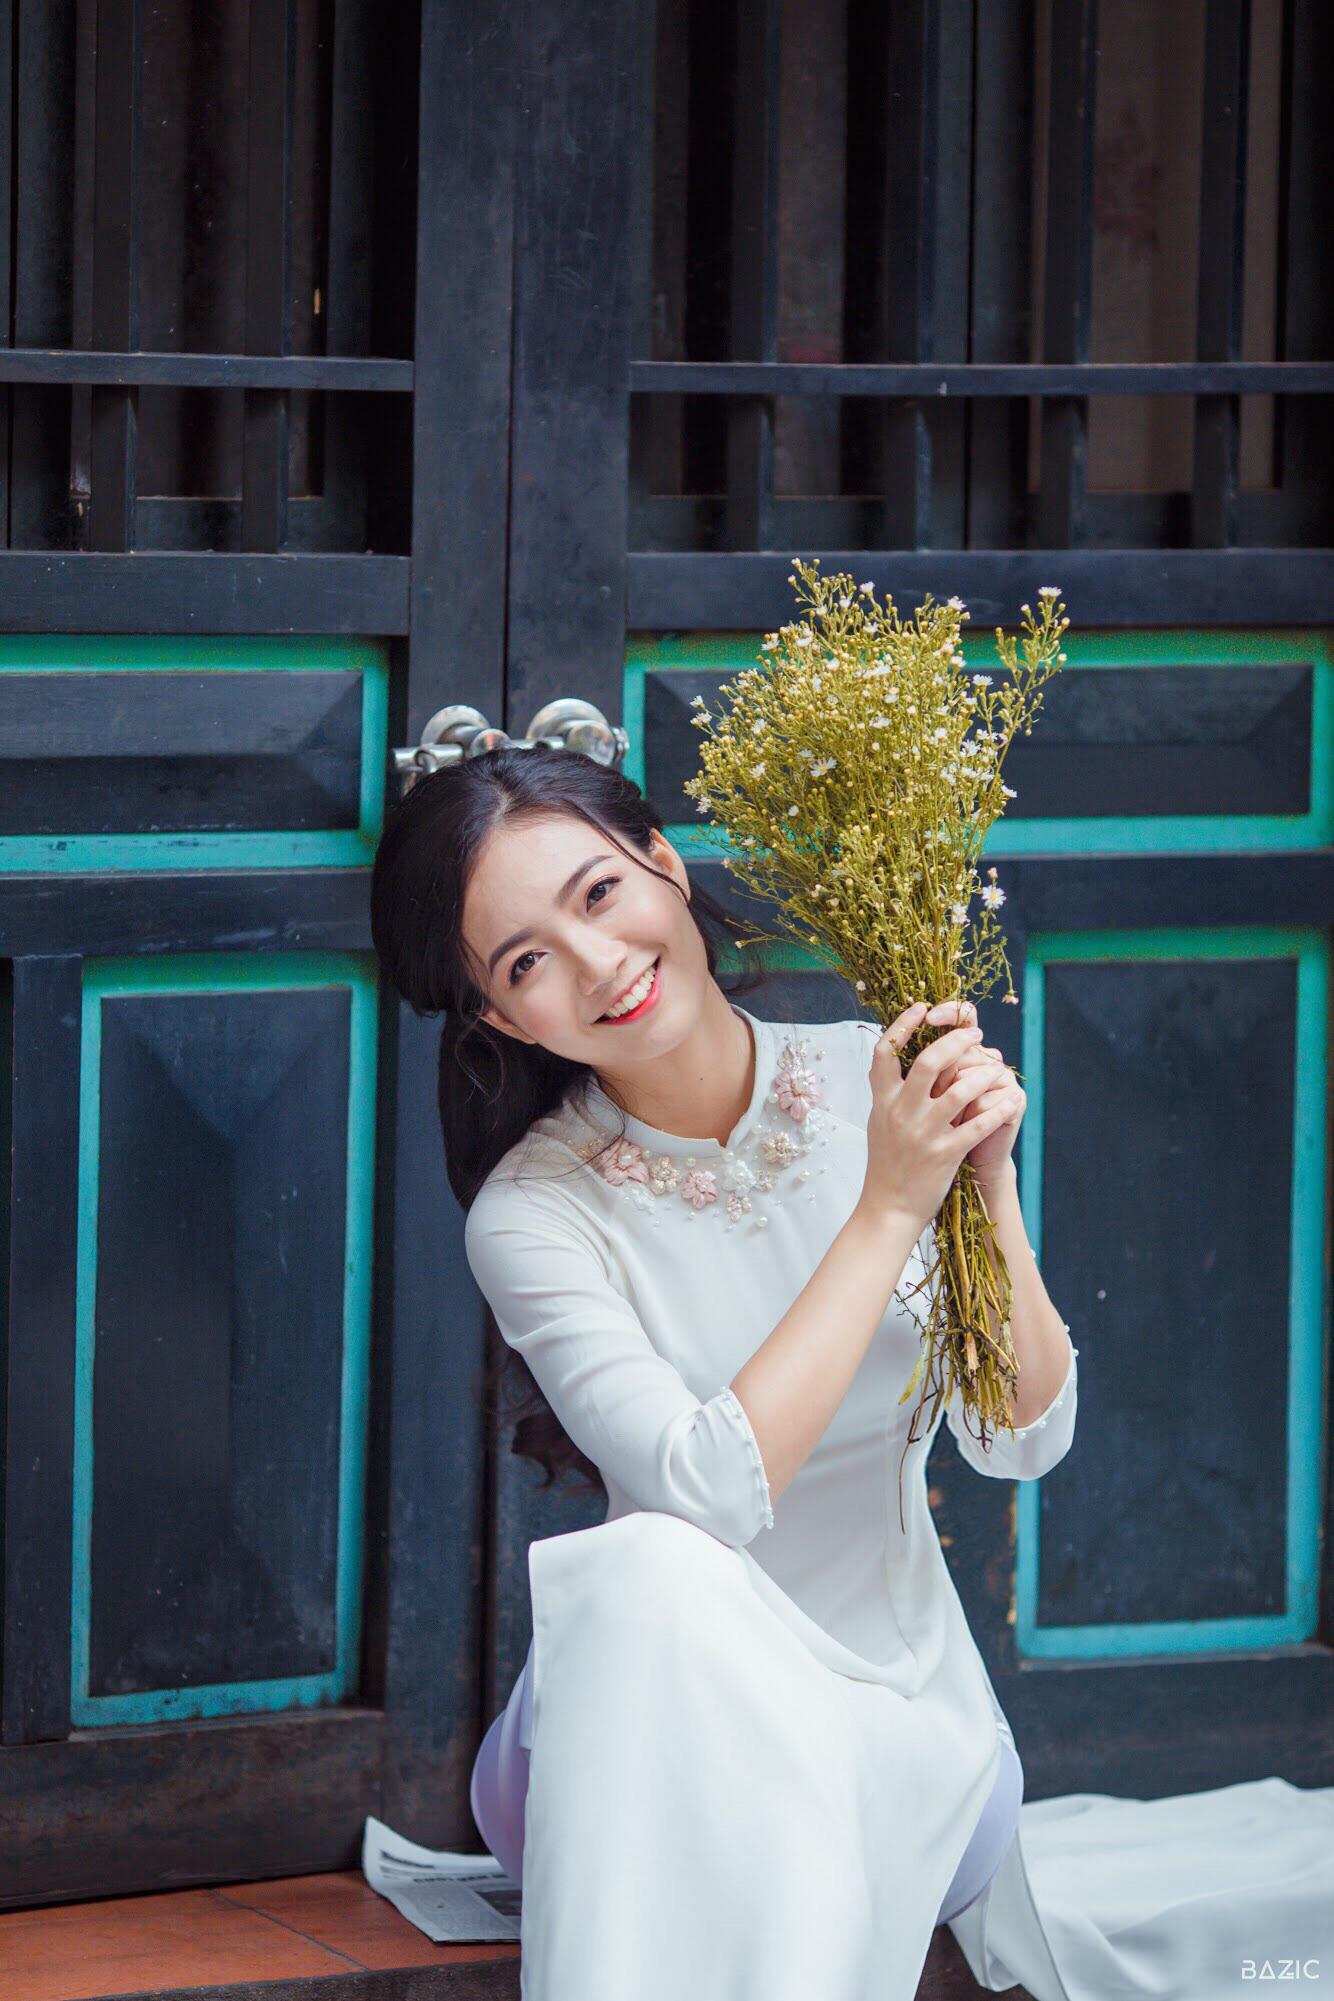 Hoa khôi, Á khôi tài sắc vẹn toàn chọn trở thành cô giáo, giảng viên ĐH - Ảnh 1.